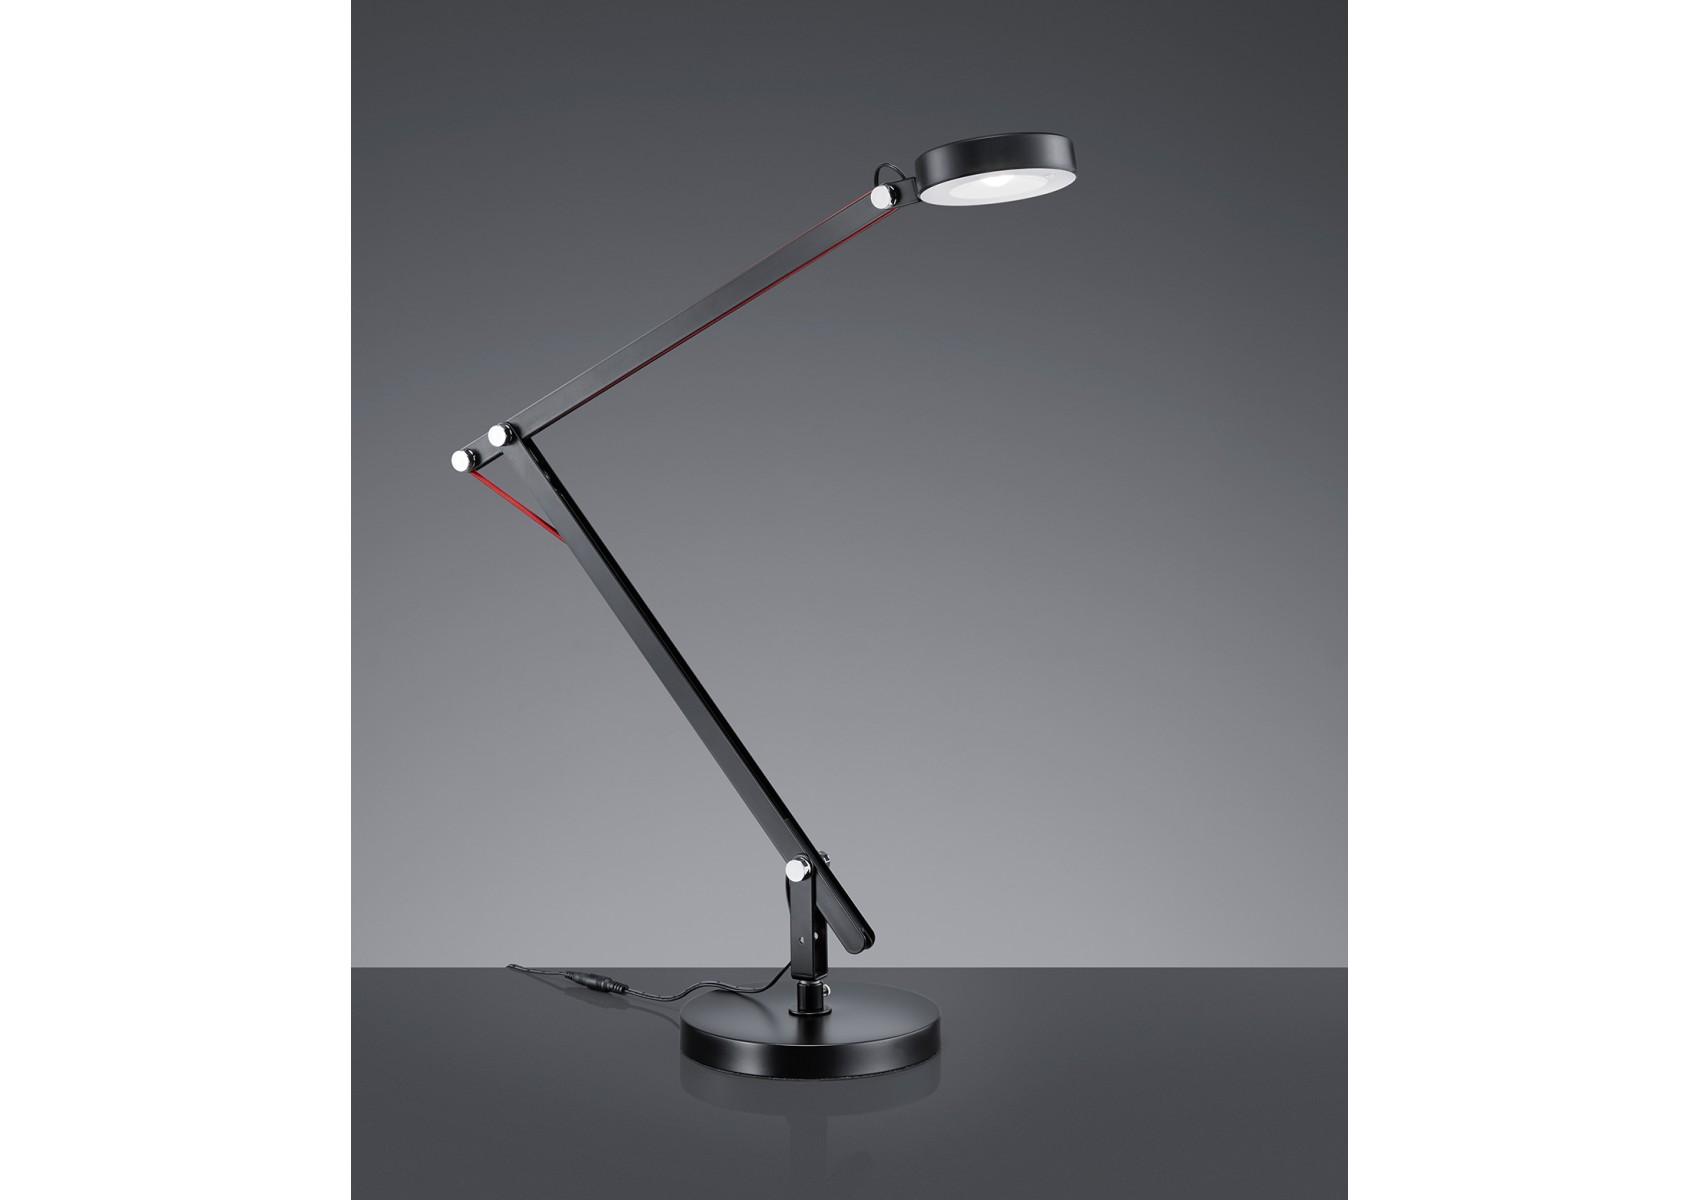 lampe de bureau amsterdam led avec trois fixations possibles. Black Bedroom Furniture Sets. Home Design Ideas